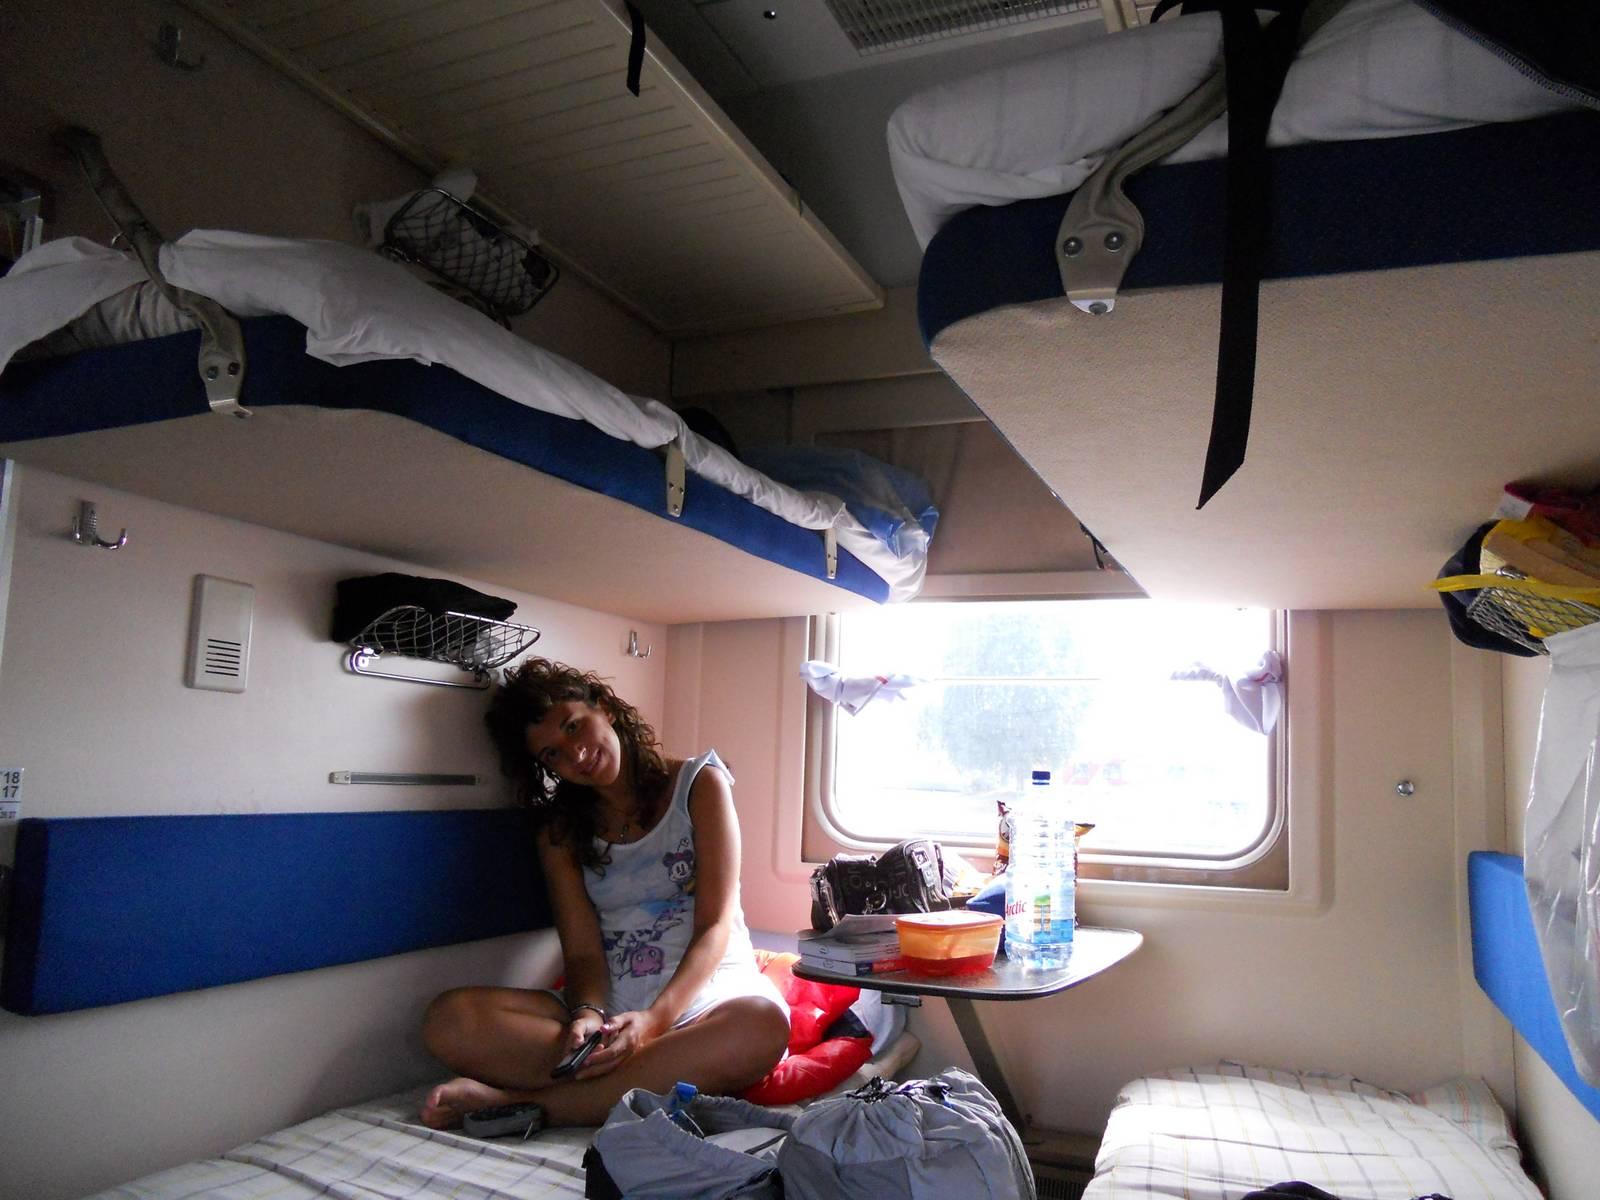 Diario di viaggio agosto 2011 for Oh mia cabina forgia il piccione